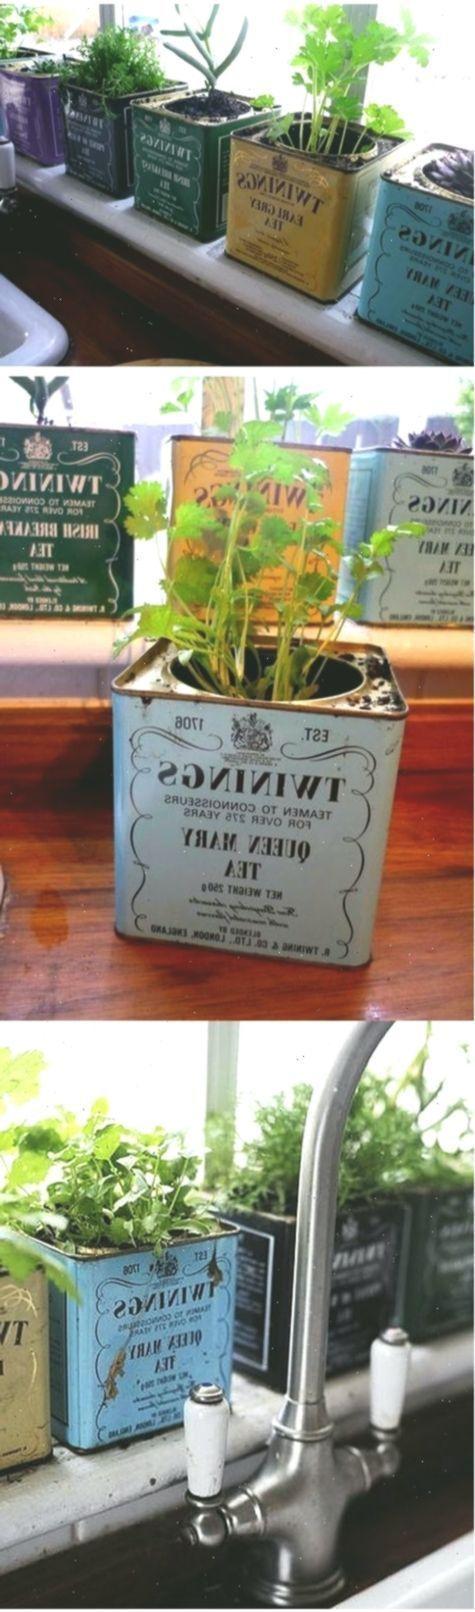 Photo of 14 Brilliant DIY Indoor Herb Garden Ideas | The gardening glove #GartenIdeendiy